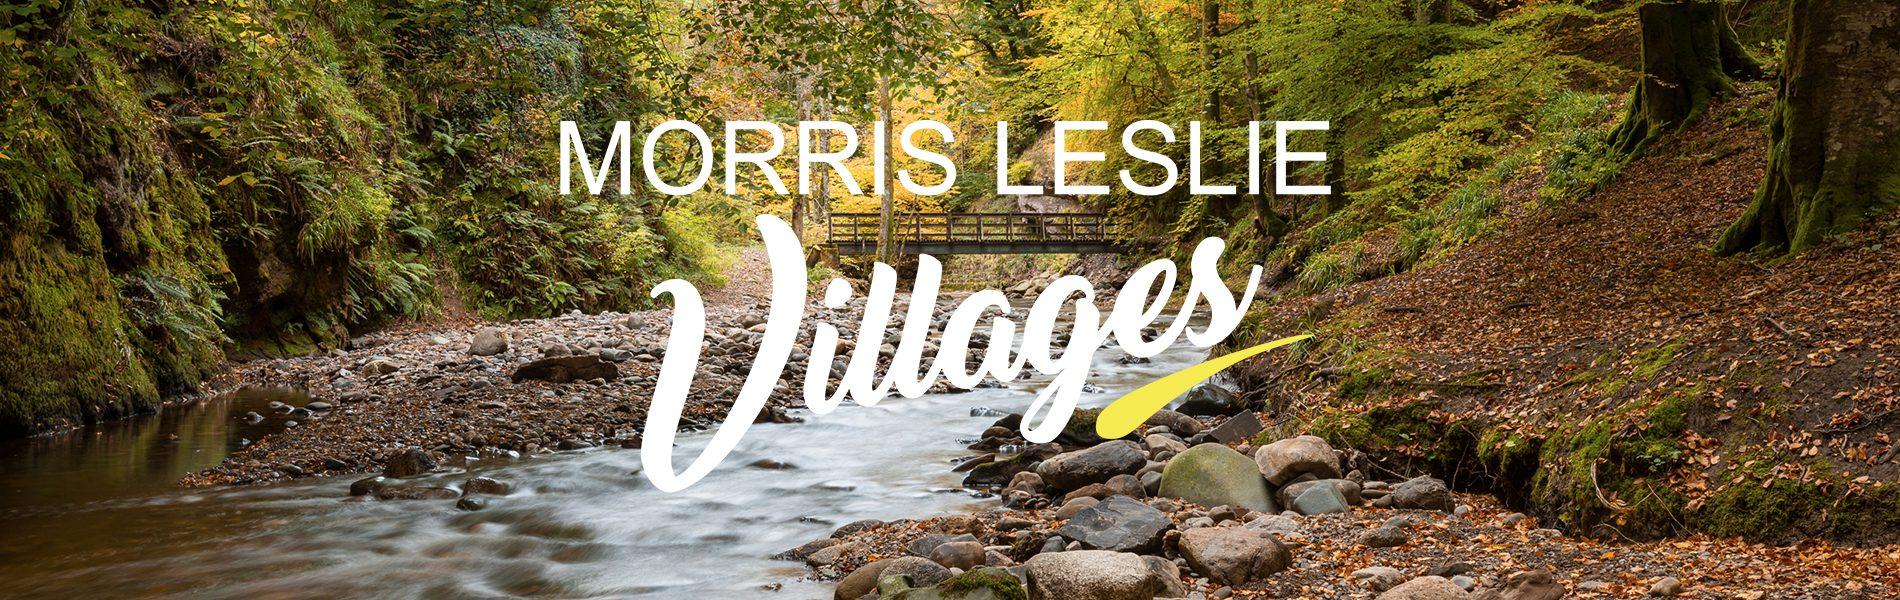 Morris Leslie Villages announces its first Location